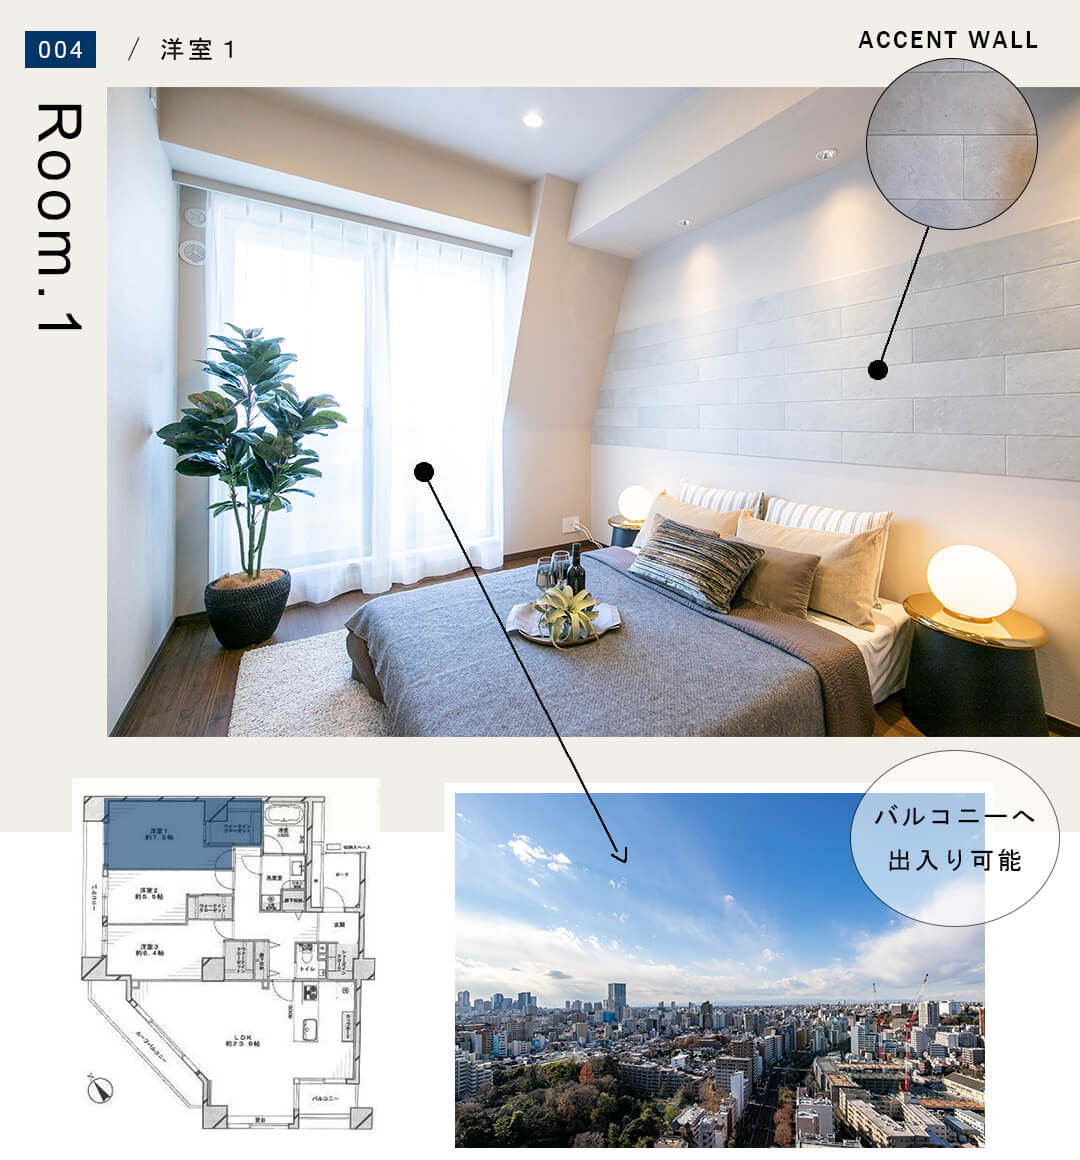 004洋室1,Room 1